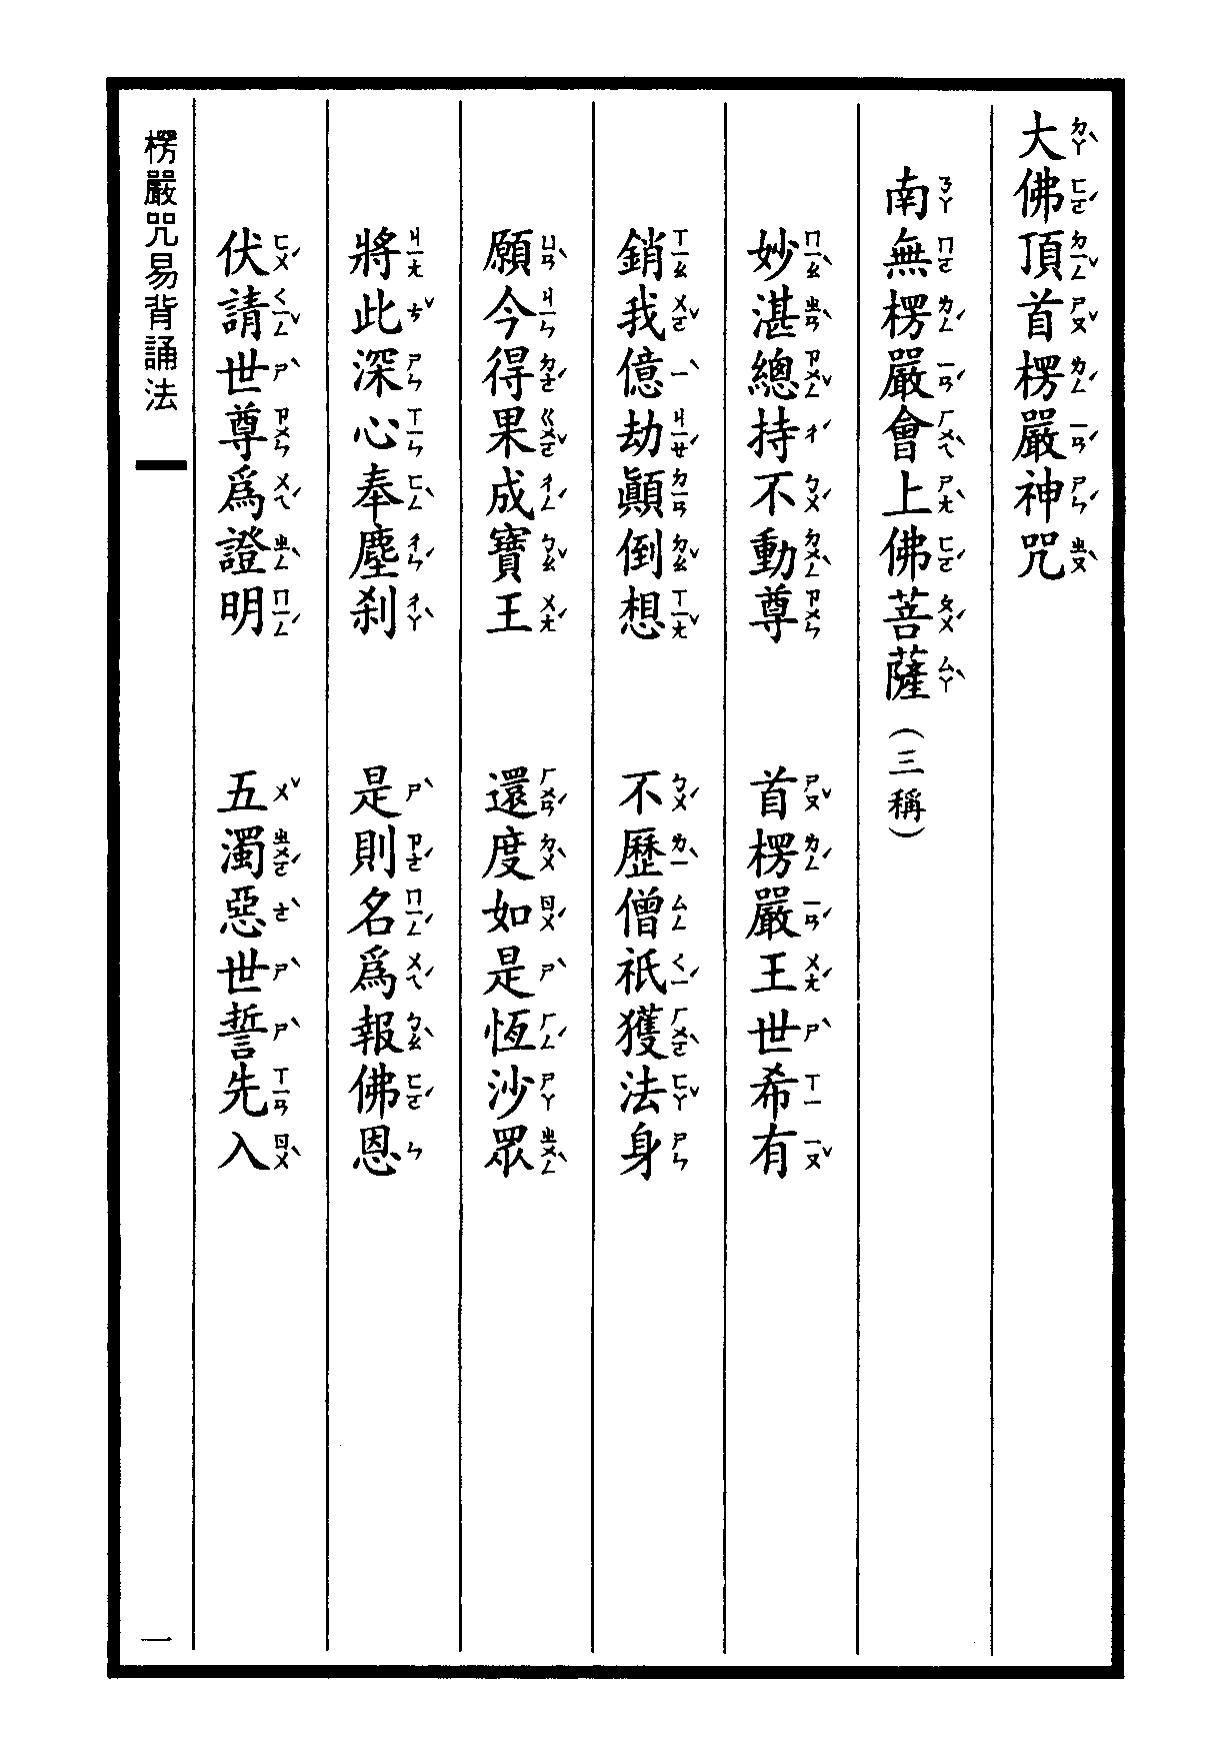 楞嚴咒-大悲咒-十小咒-易背本 7.png